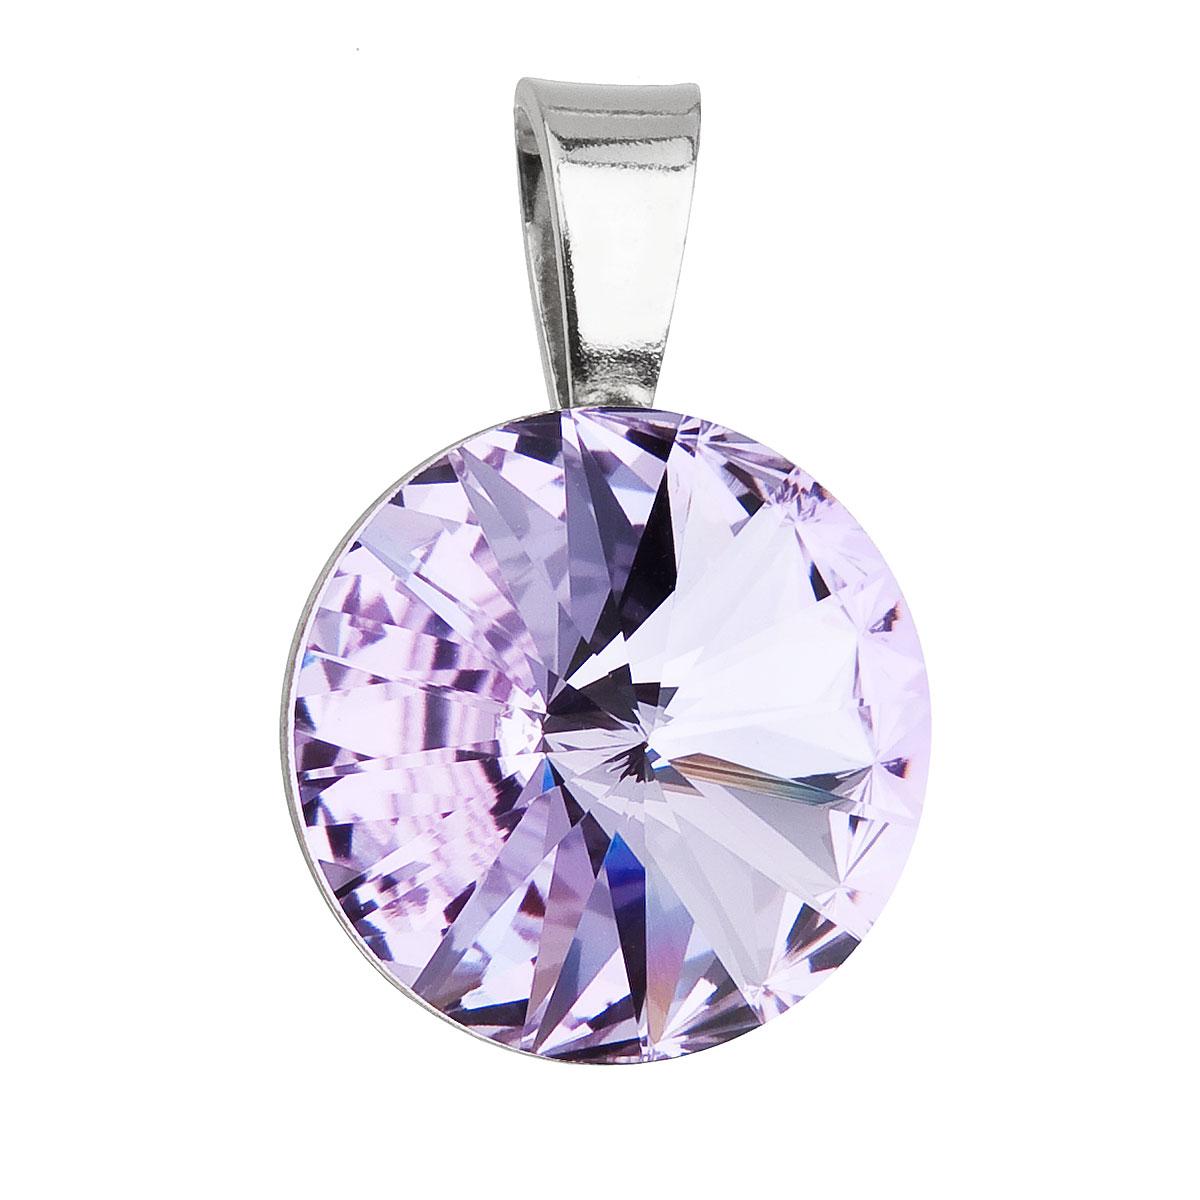 Evolution Group Stříbrný přívěsek s krystaly Swarovski fialový kulatý-rivoli 34112.3 violet